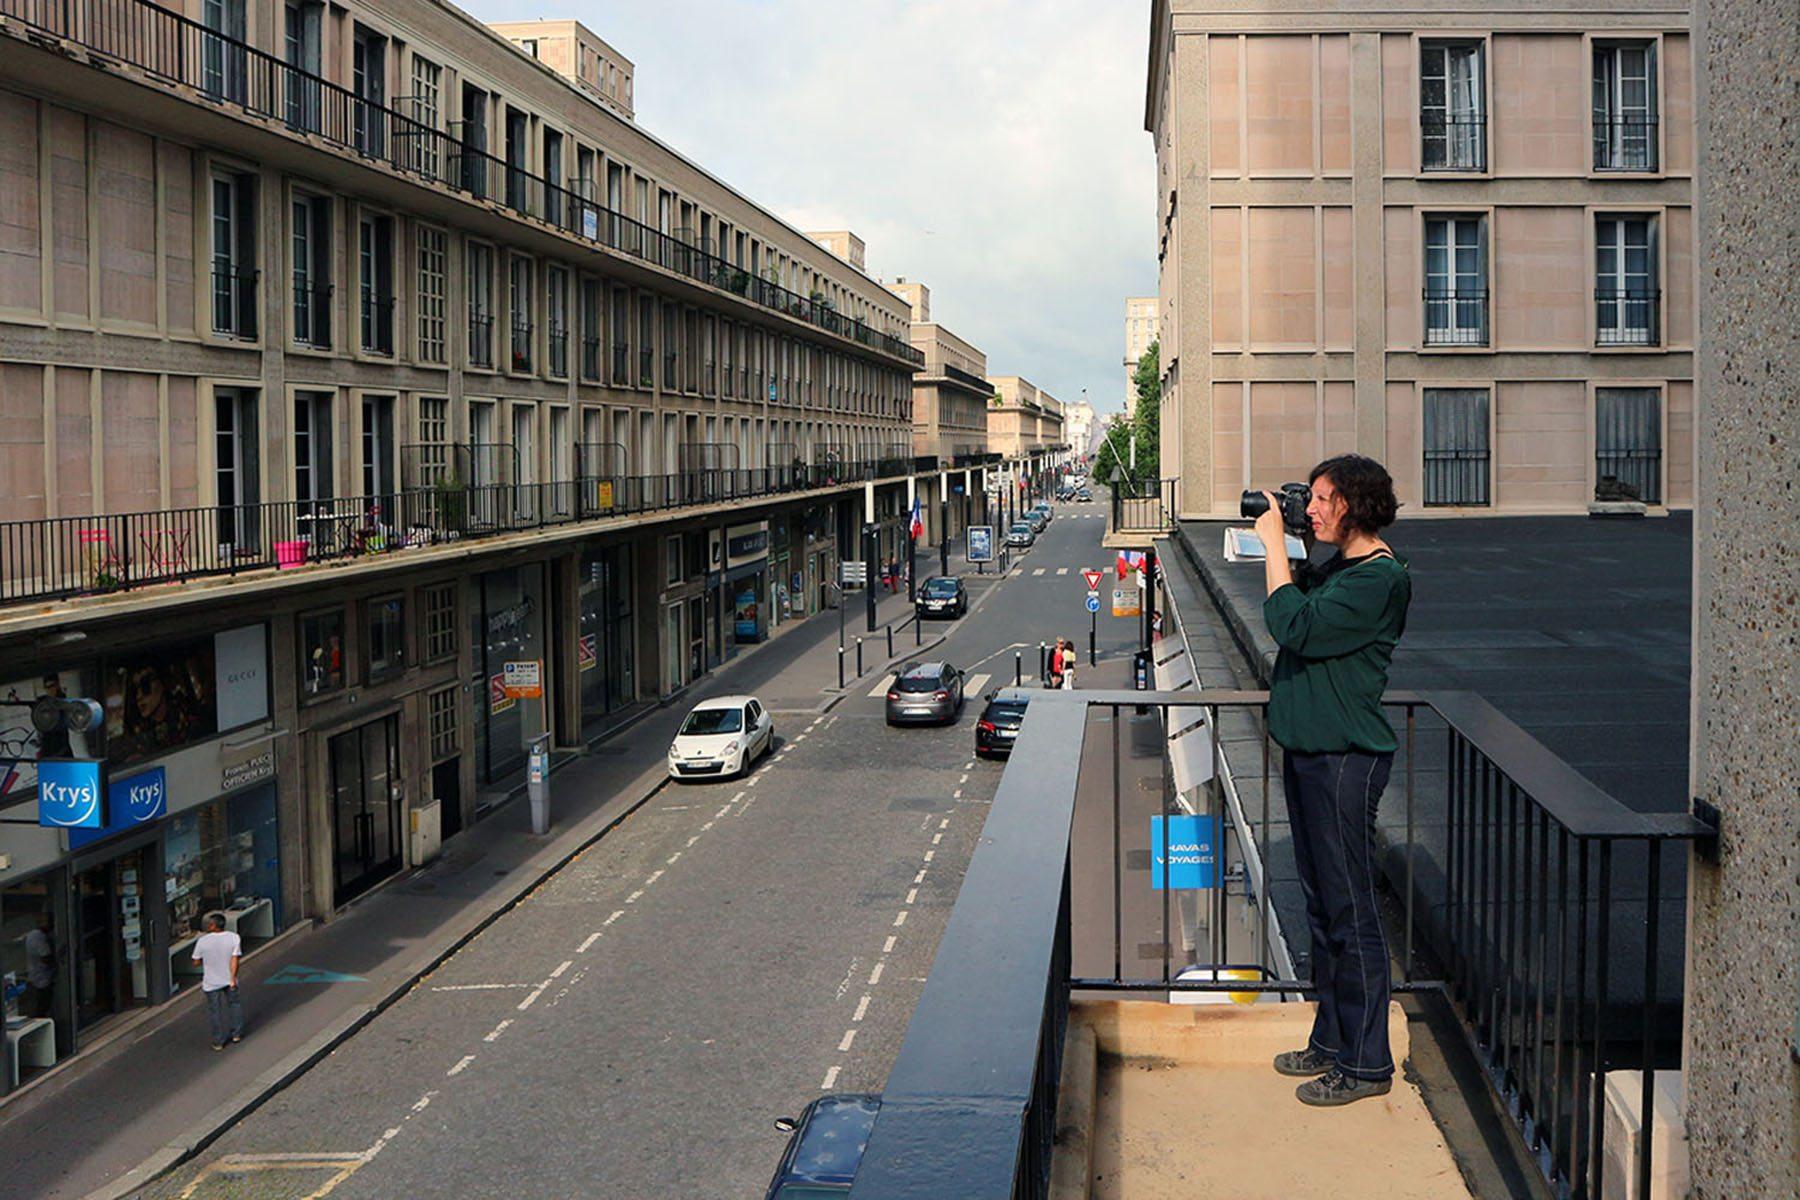 Das monumentale Dreieck. Die Fotokünstlerin Bettina Cohnen im Quartier Immeubles sans affectation individuelle (I.S.A.I.), das Perret noch vollständig selbst entworfen hatte.